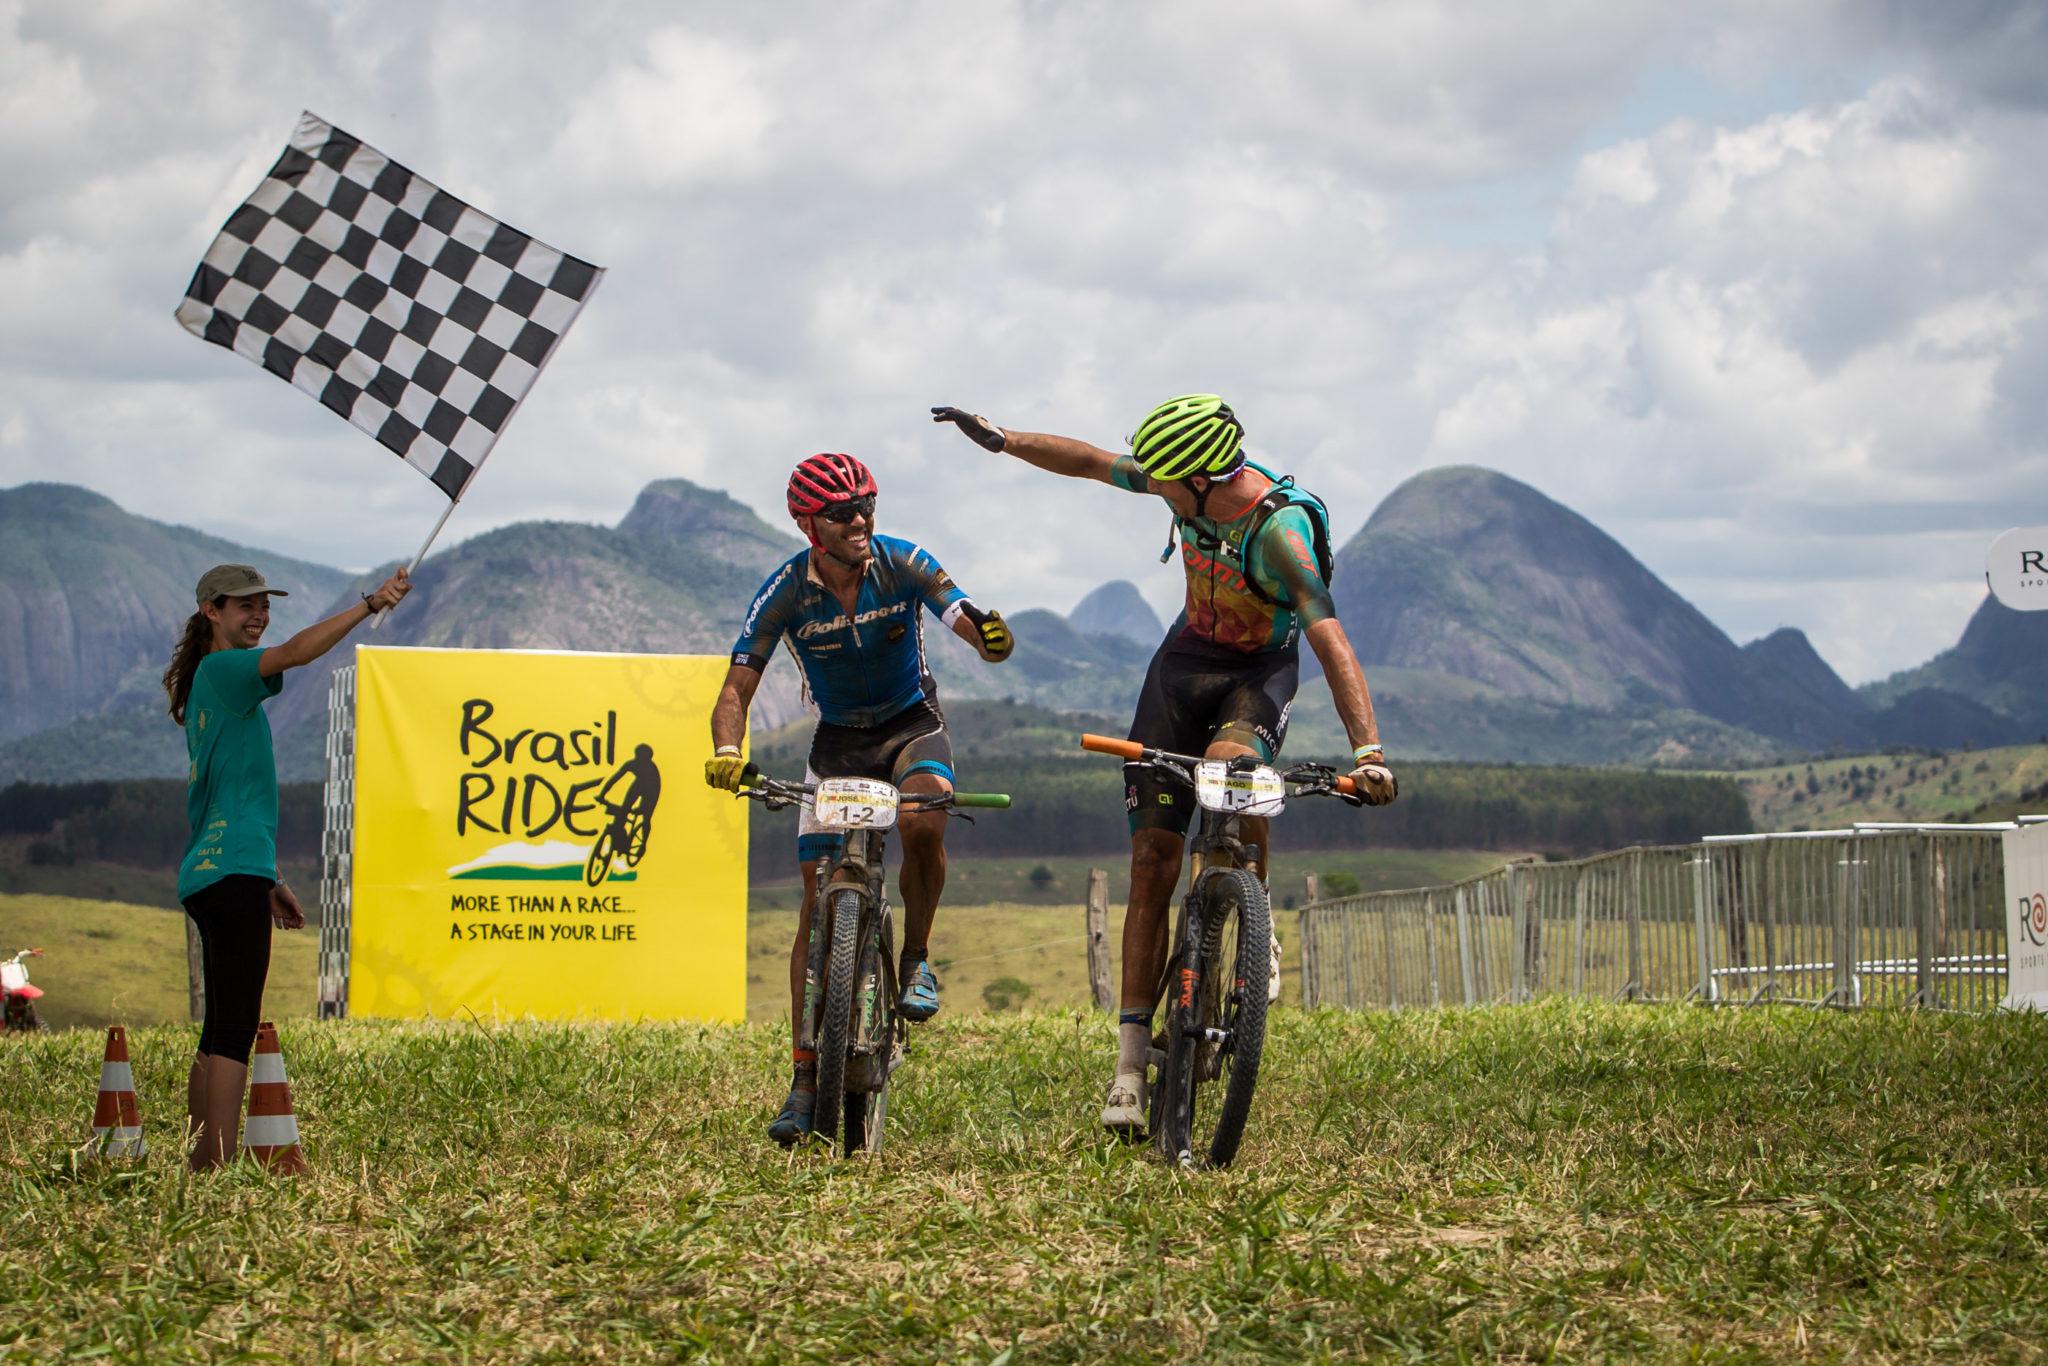 José e Tiago cruzam a linha em primeiro (Fabio Piva / Brasil Ride)